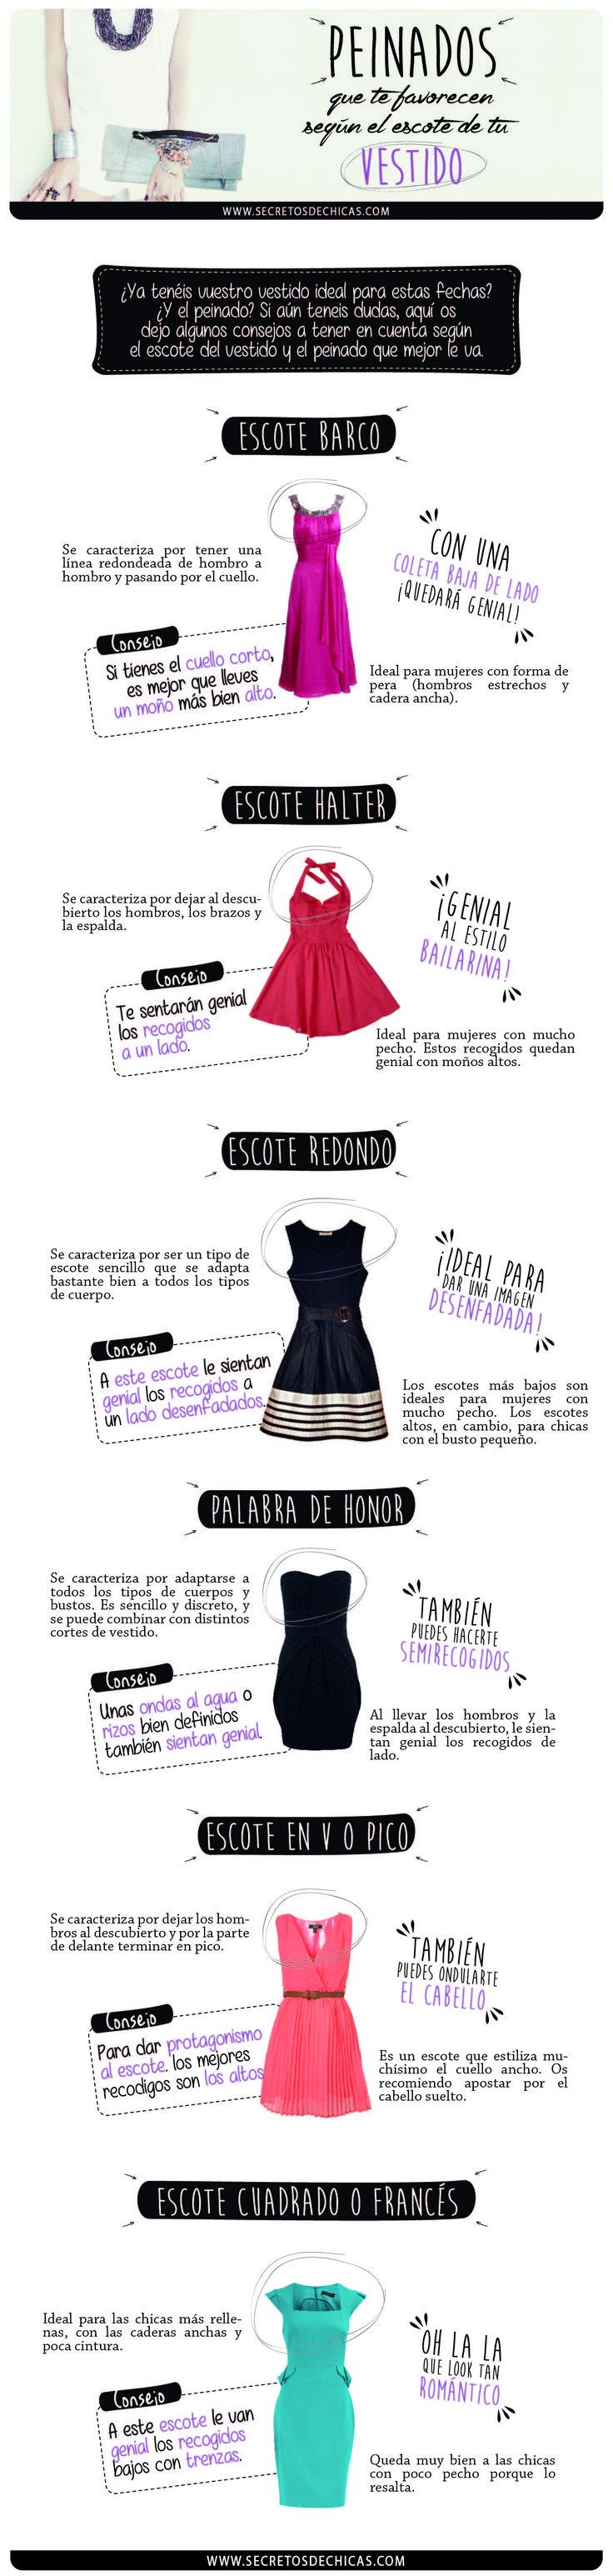 Vocabulario relacionado con vestidos y peinados: tipos de peinados que van bien con tipos de escotes